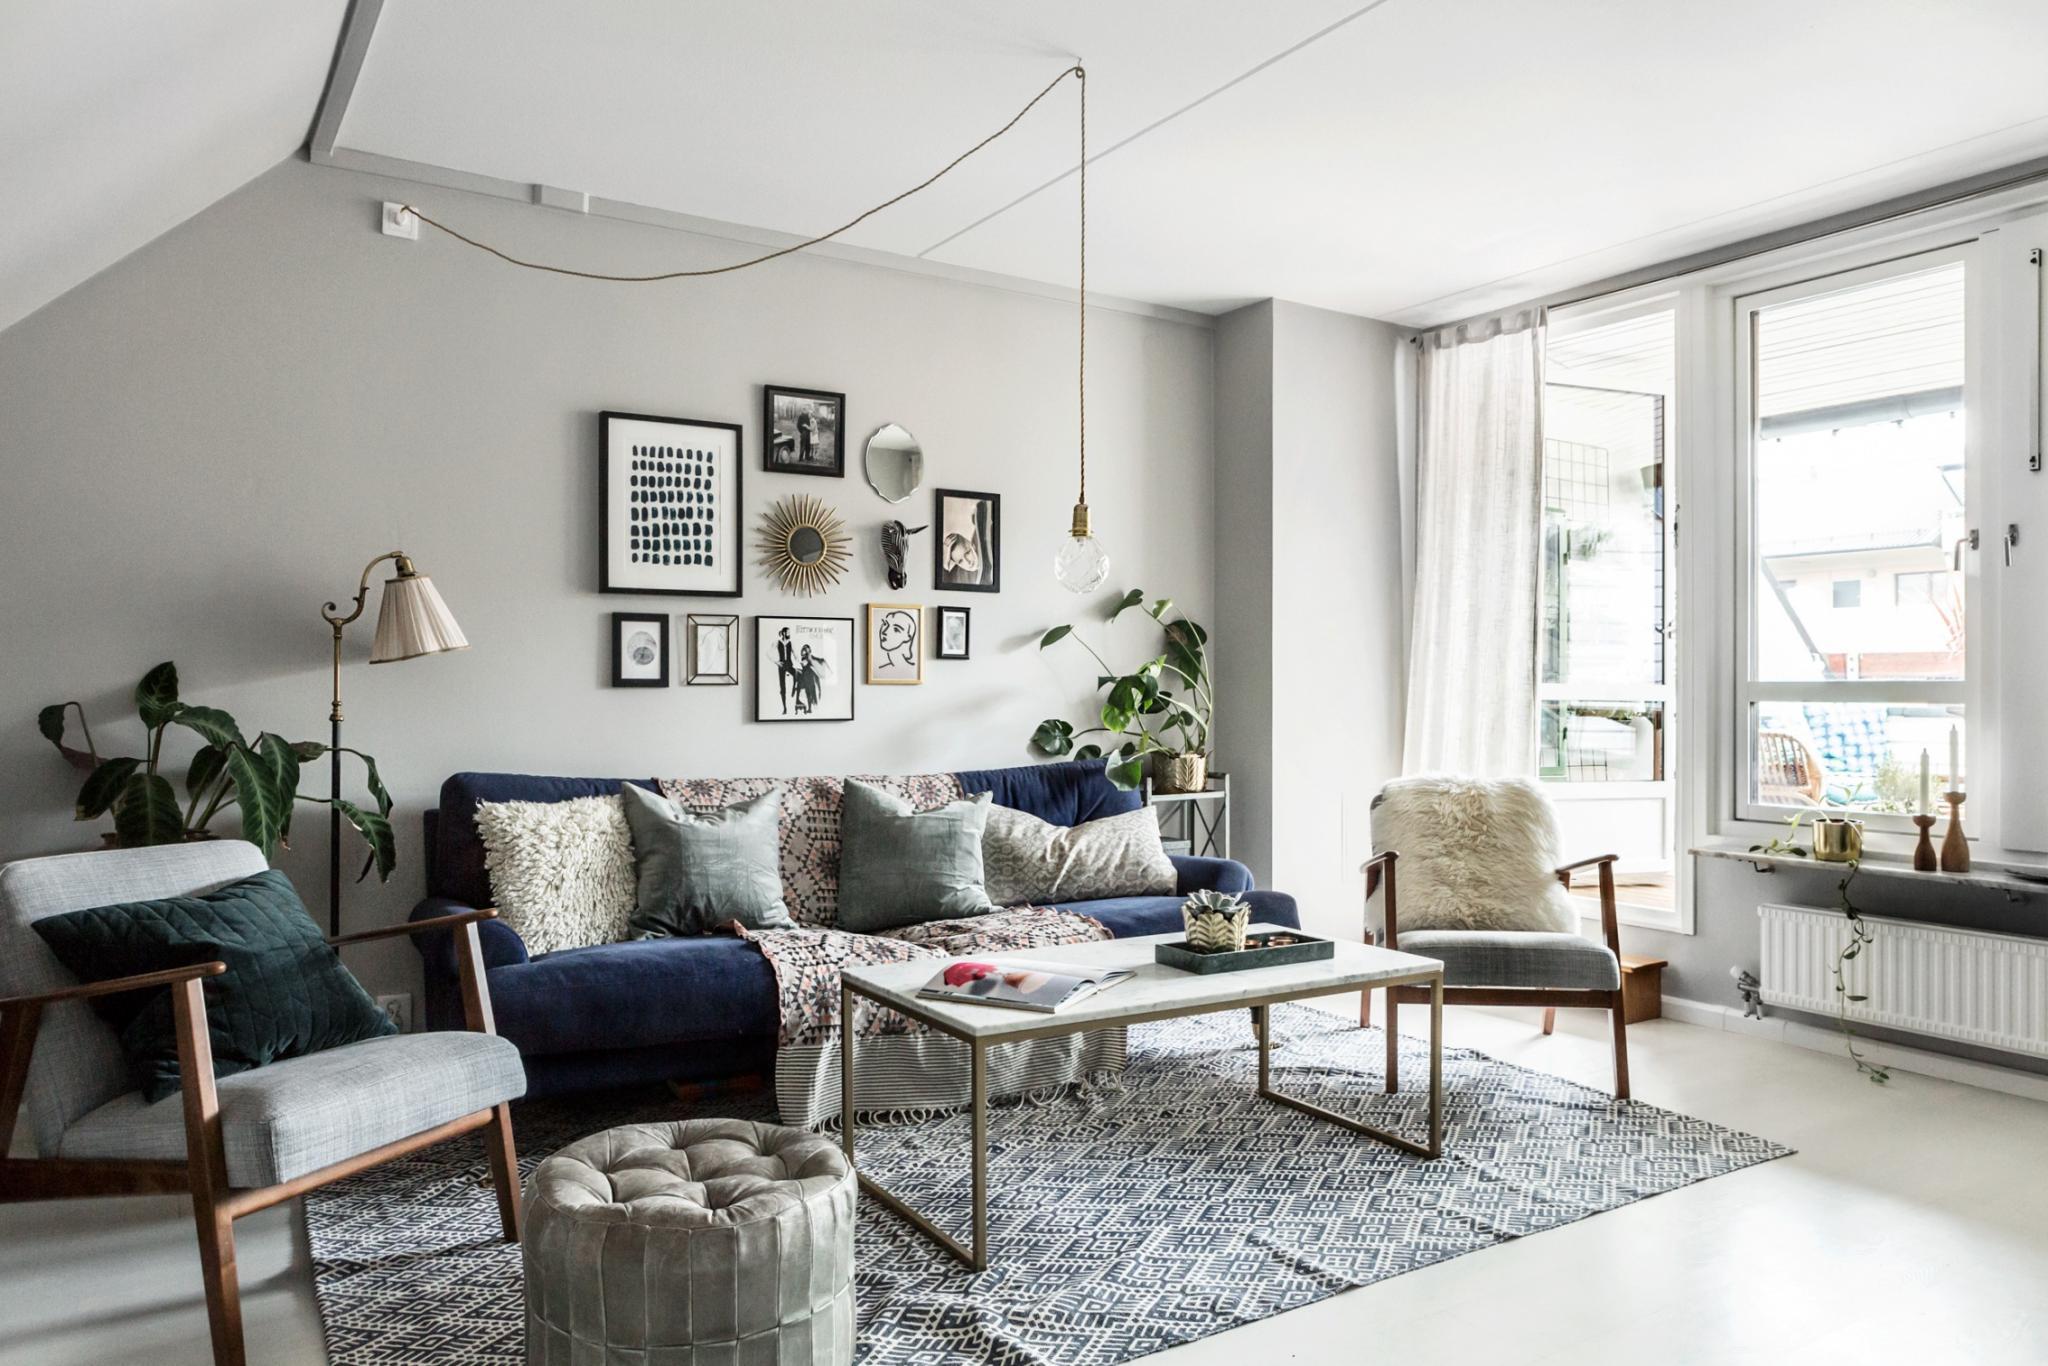 Binnenkijken bij hip vintage interieur - Alles om van je huis je ...